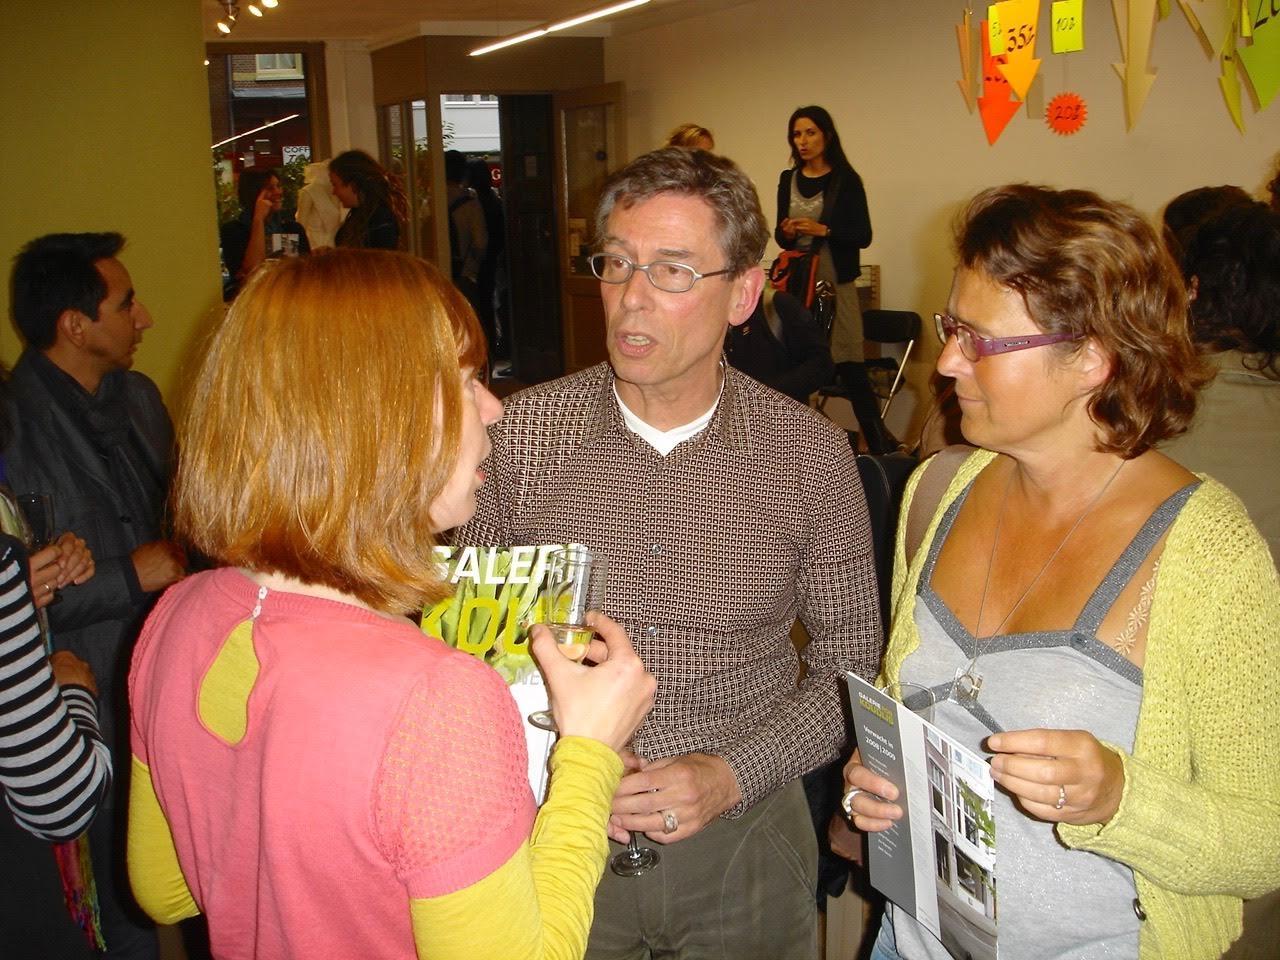 Presentatie Magazine Galerie Rob Koudijs 1, 2008, Jantje Fleischhut, Rob Koudijs, Liesbeth den Besten